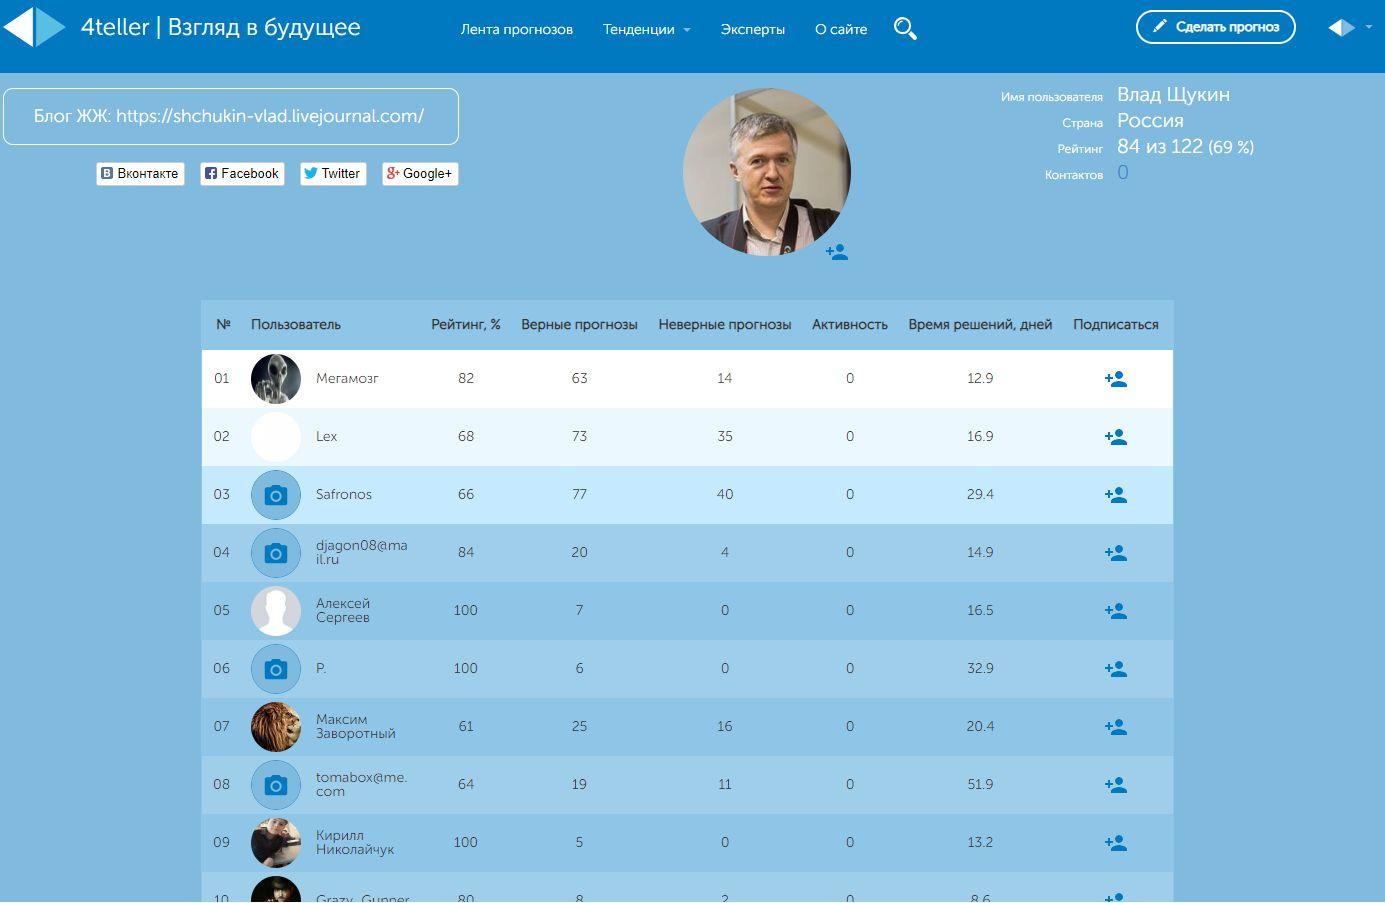 Автоматически формируемая конкурсная таблица по прогнозам блогера